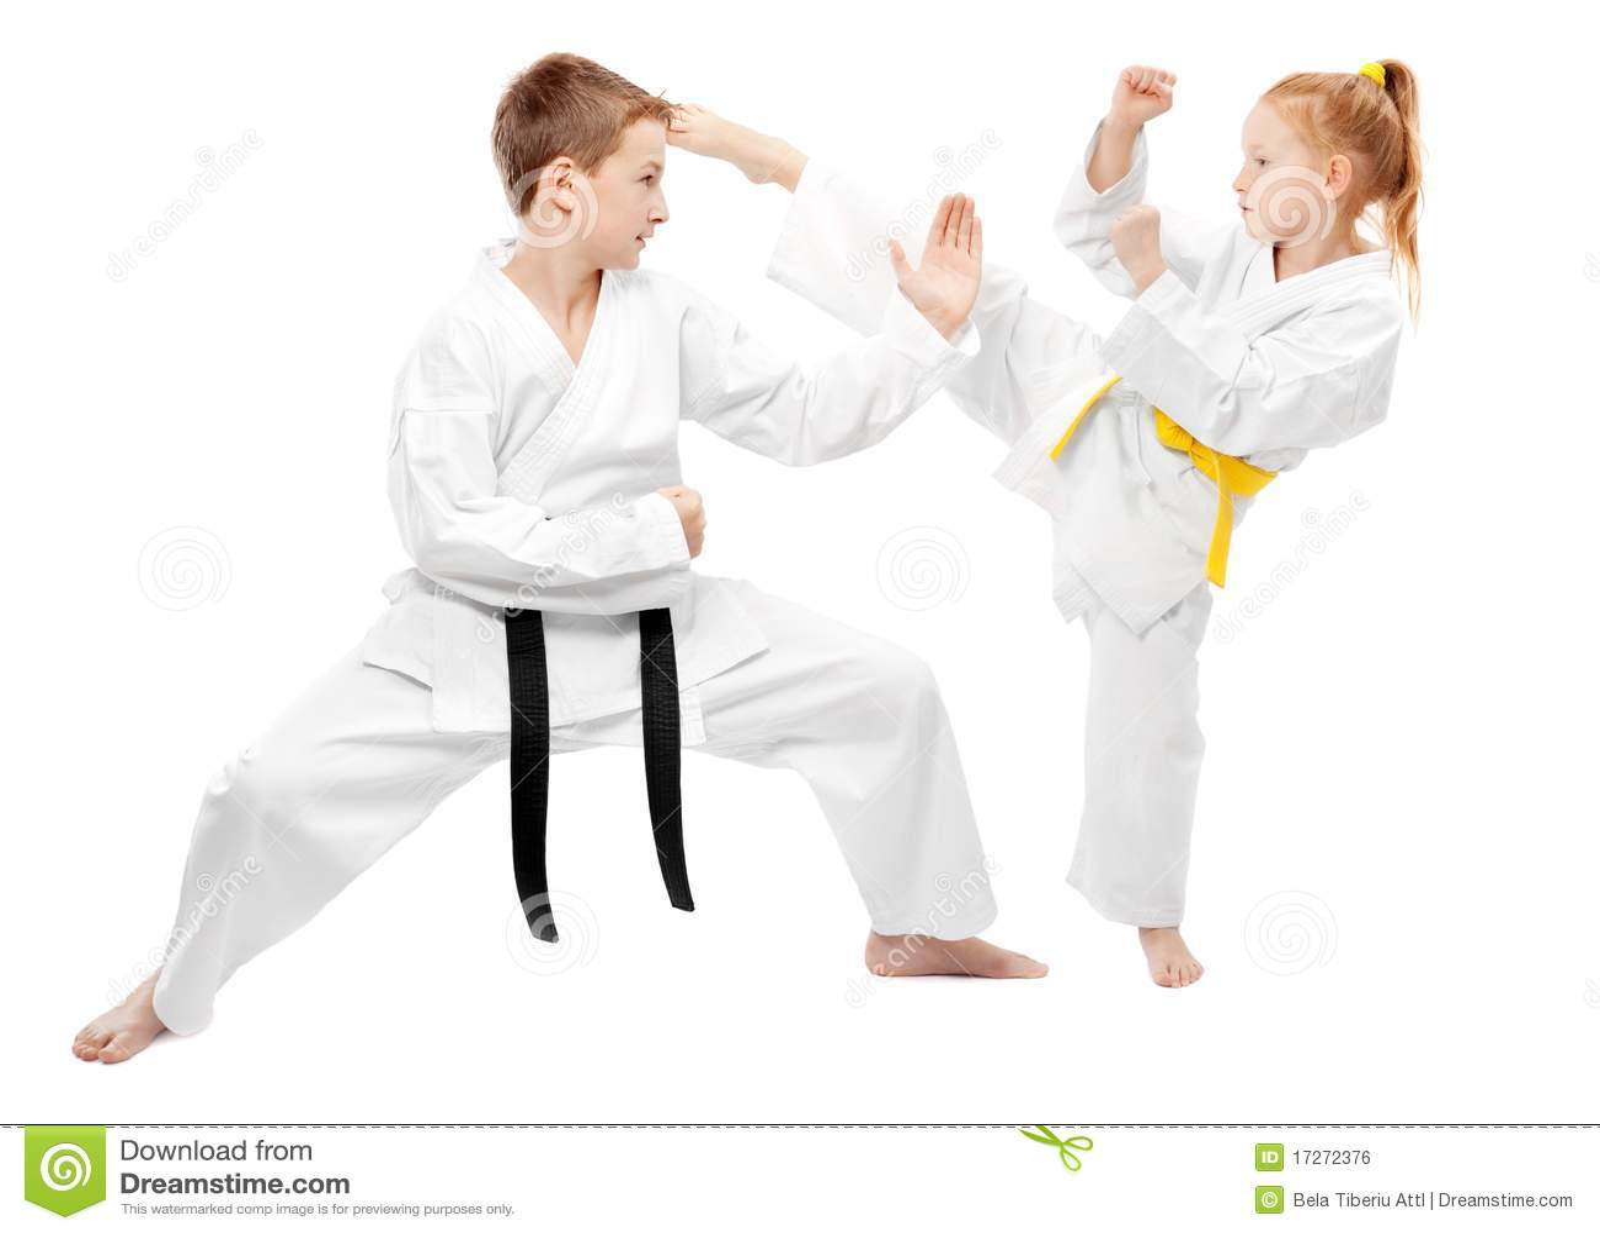 Wojenny sztuka sparring